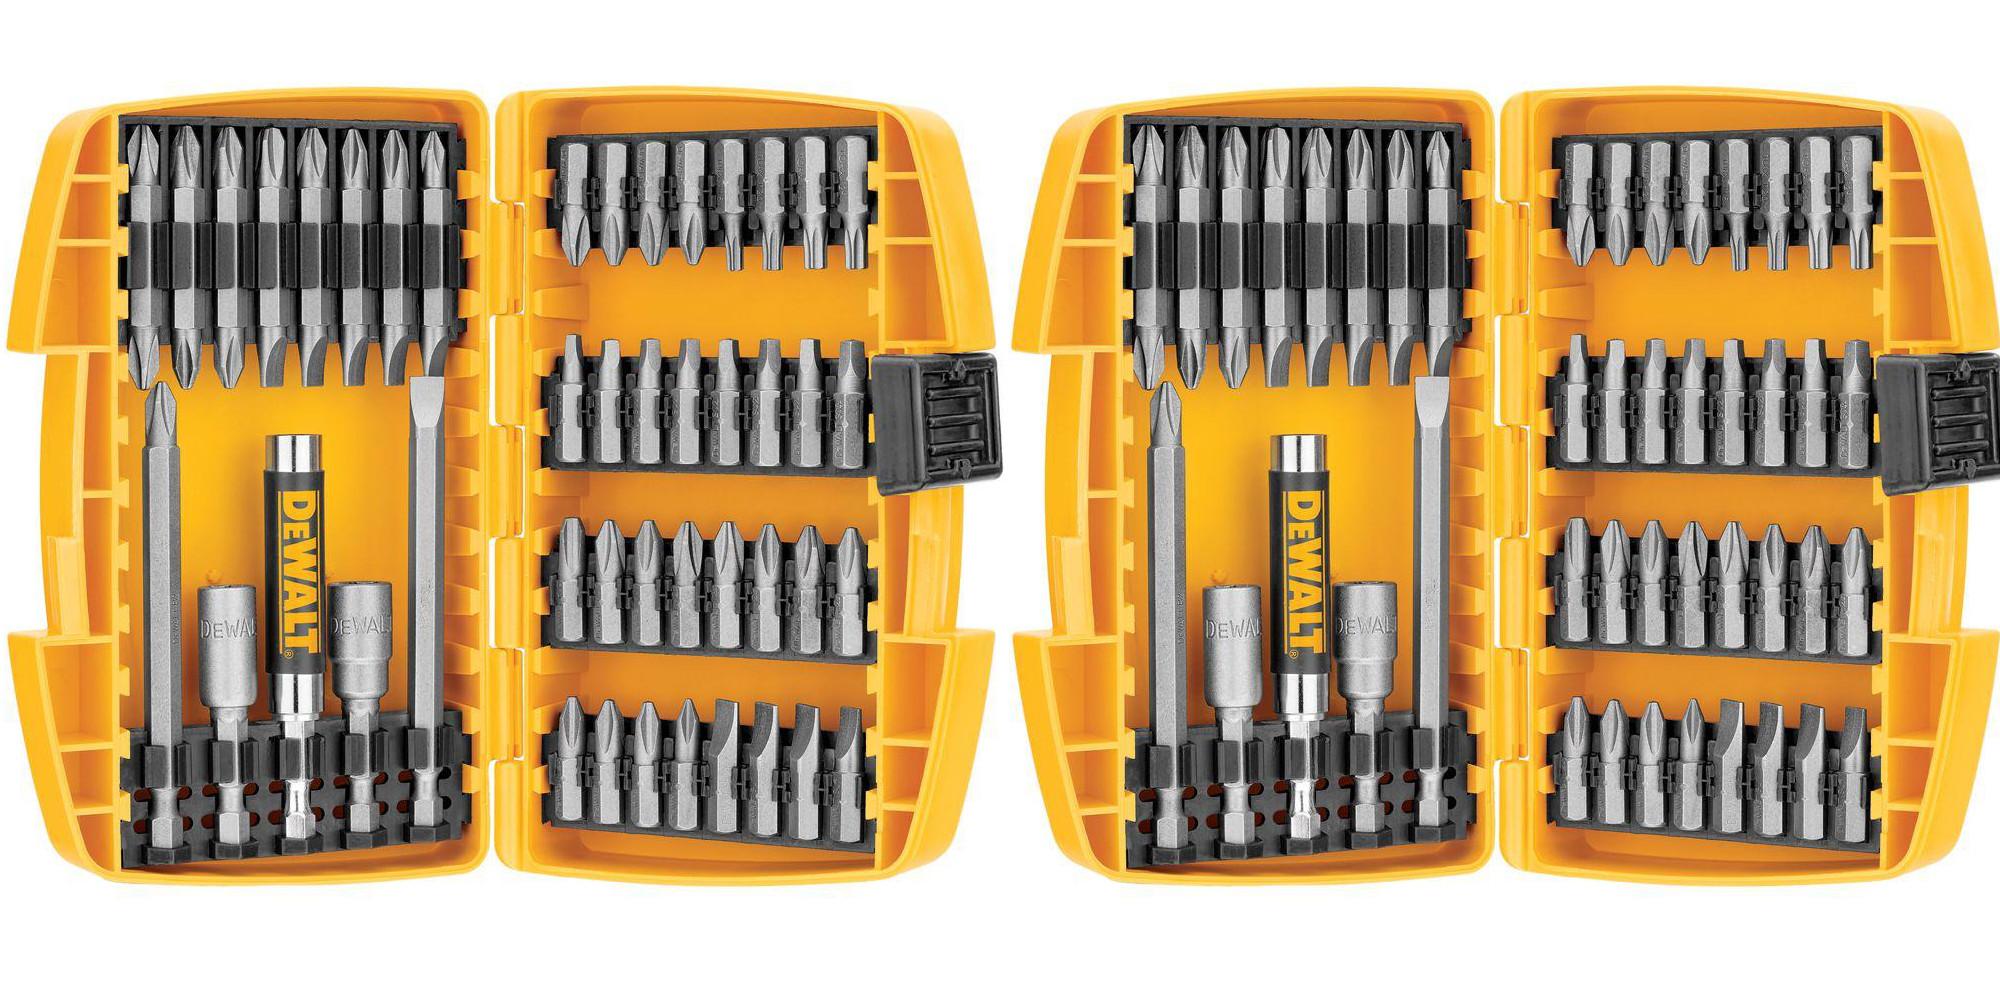 dewalt-dw2166-45-piece-screwdriving-set-with-tough-case-3